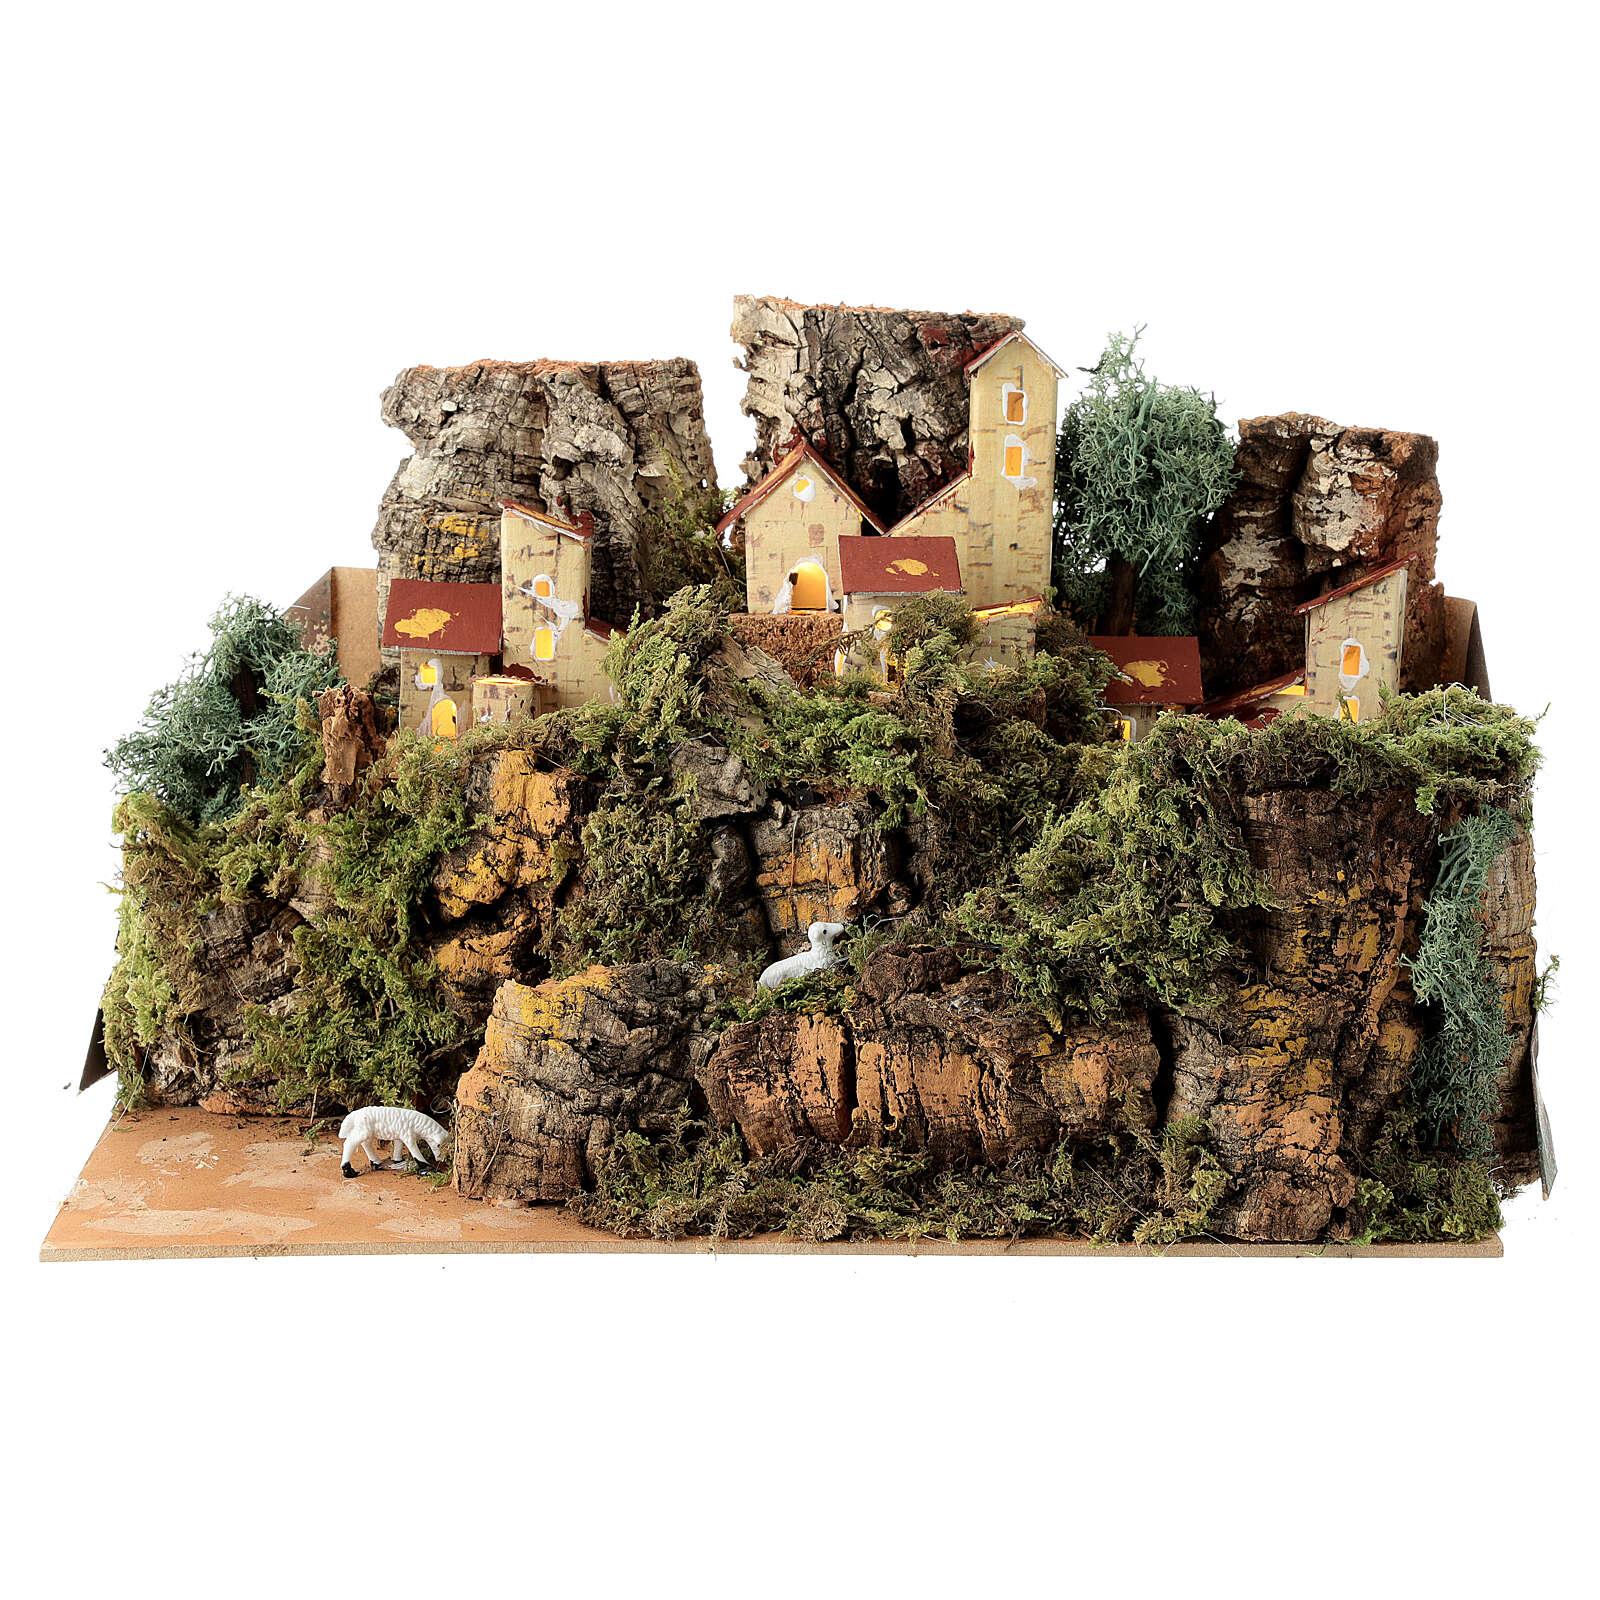 Maison entre les rochers avec moutons 25x35x20 cm crèche 6 cm 4